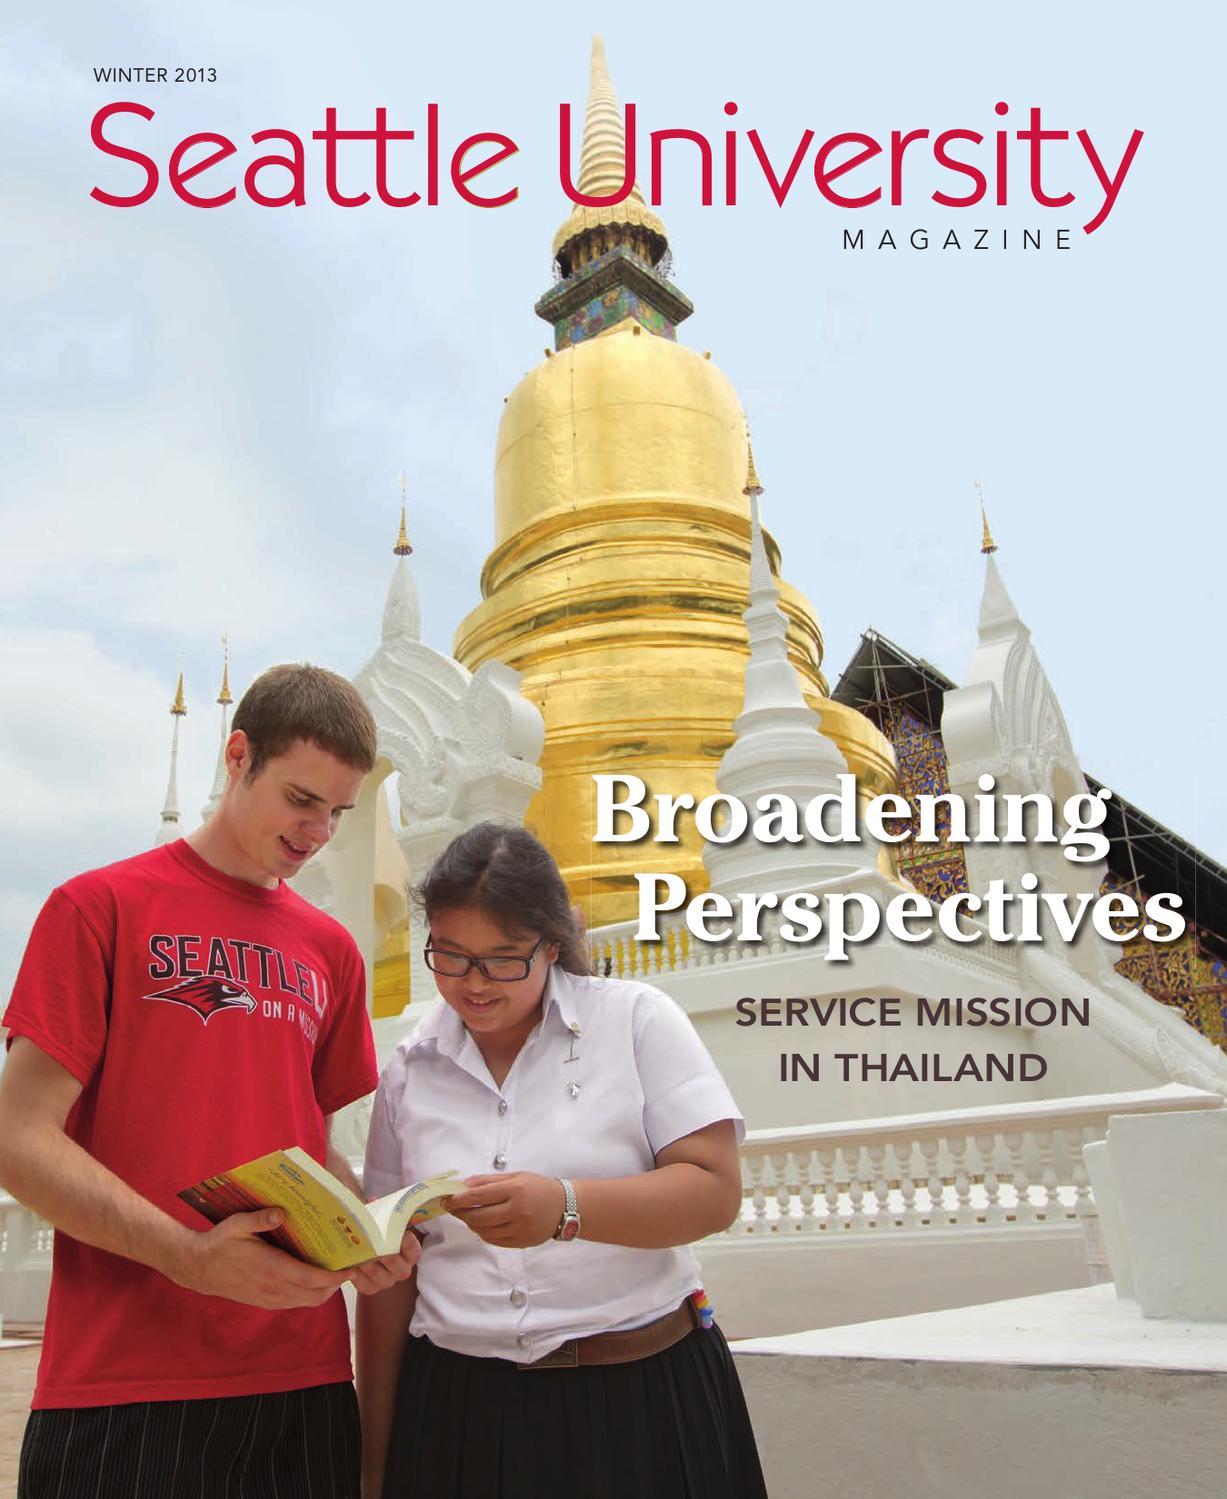 Seattle University Magazine Winter 2013 By Seattle University Issuu